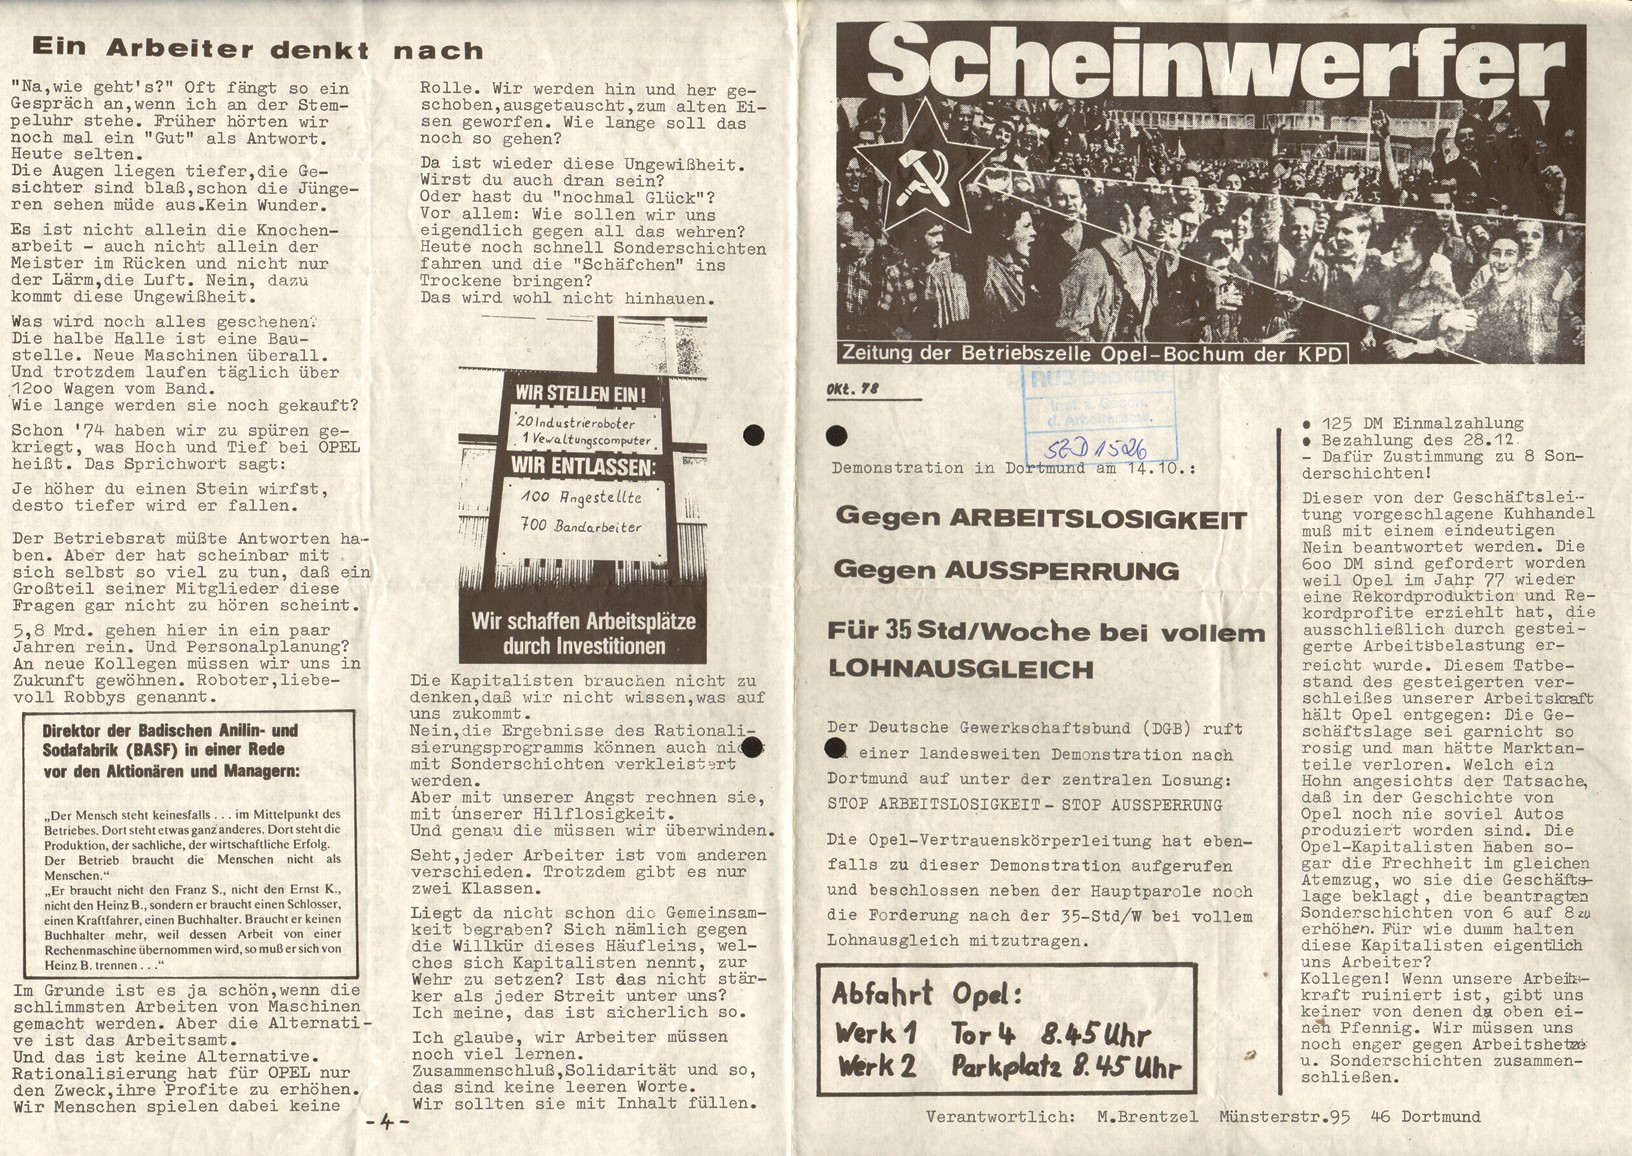 Bochum_Opel_AO_Scheinwerfer_19781000_01